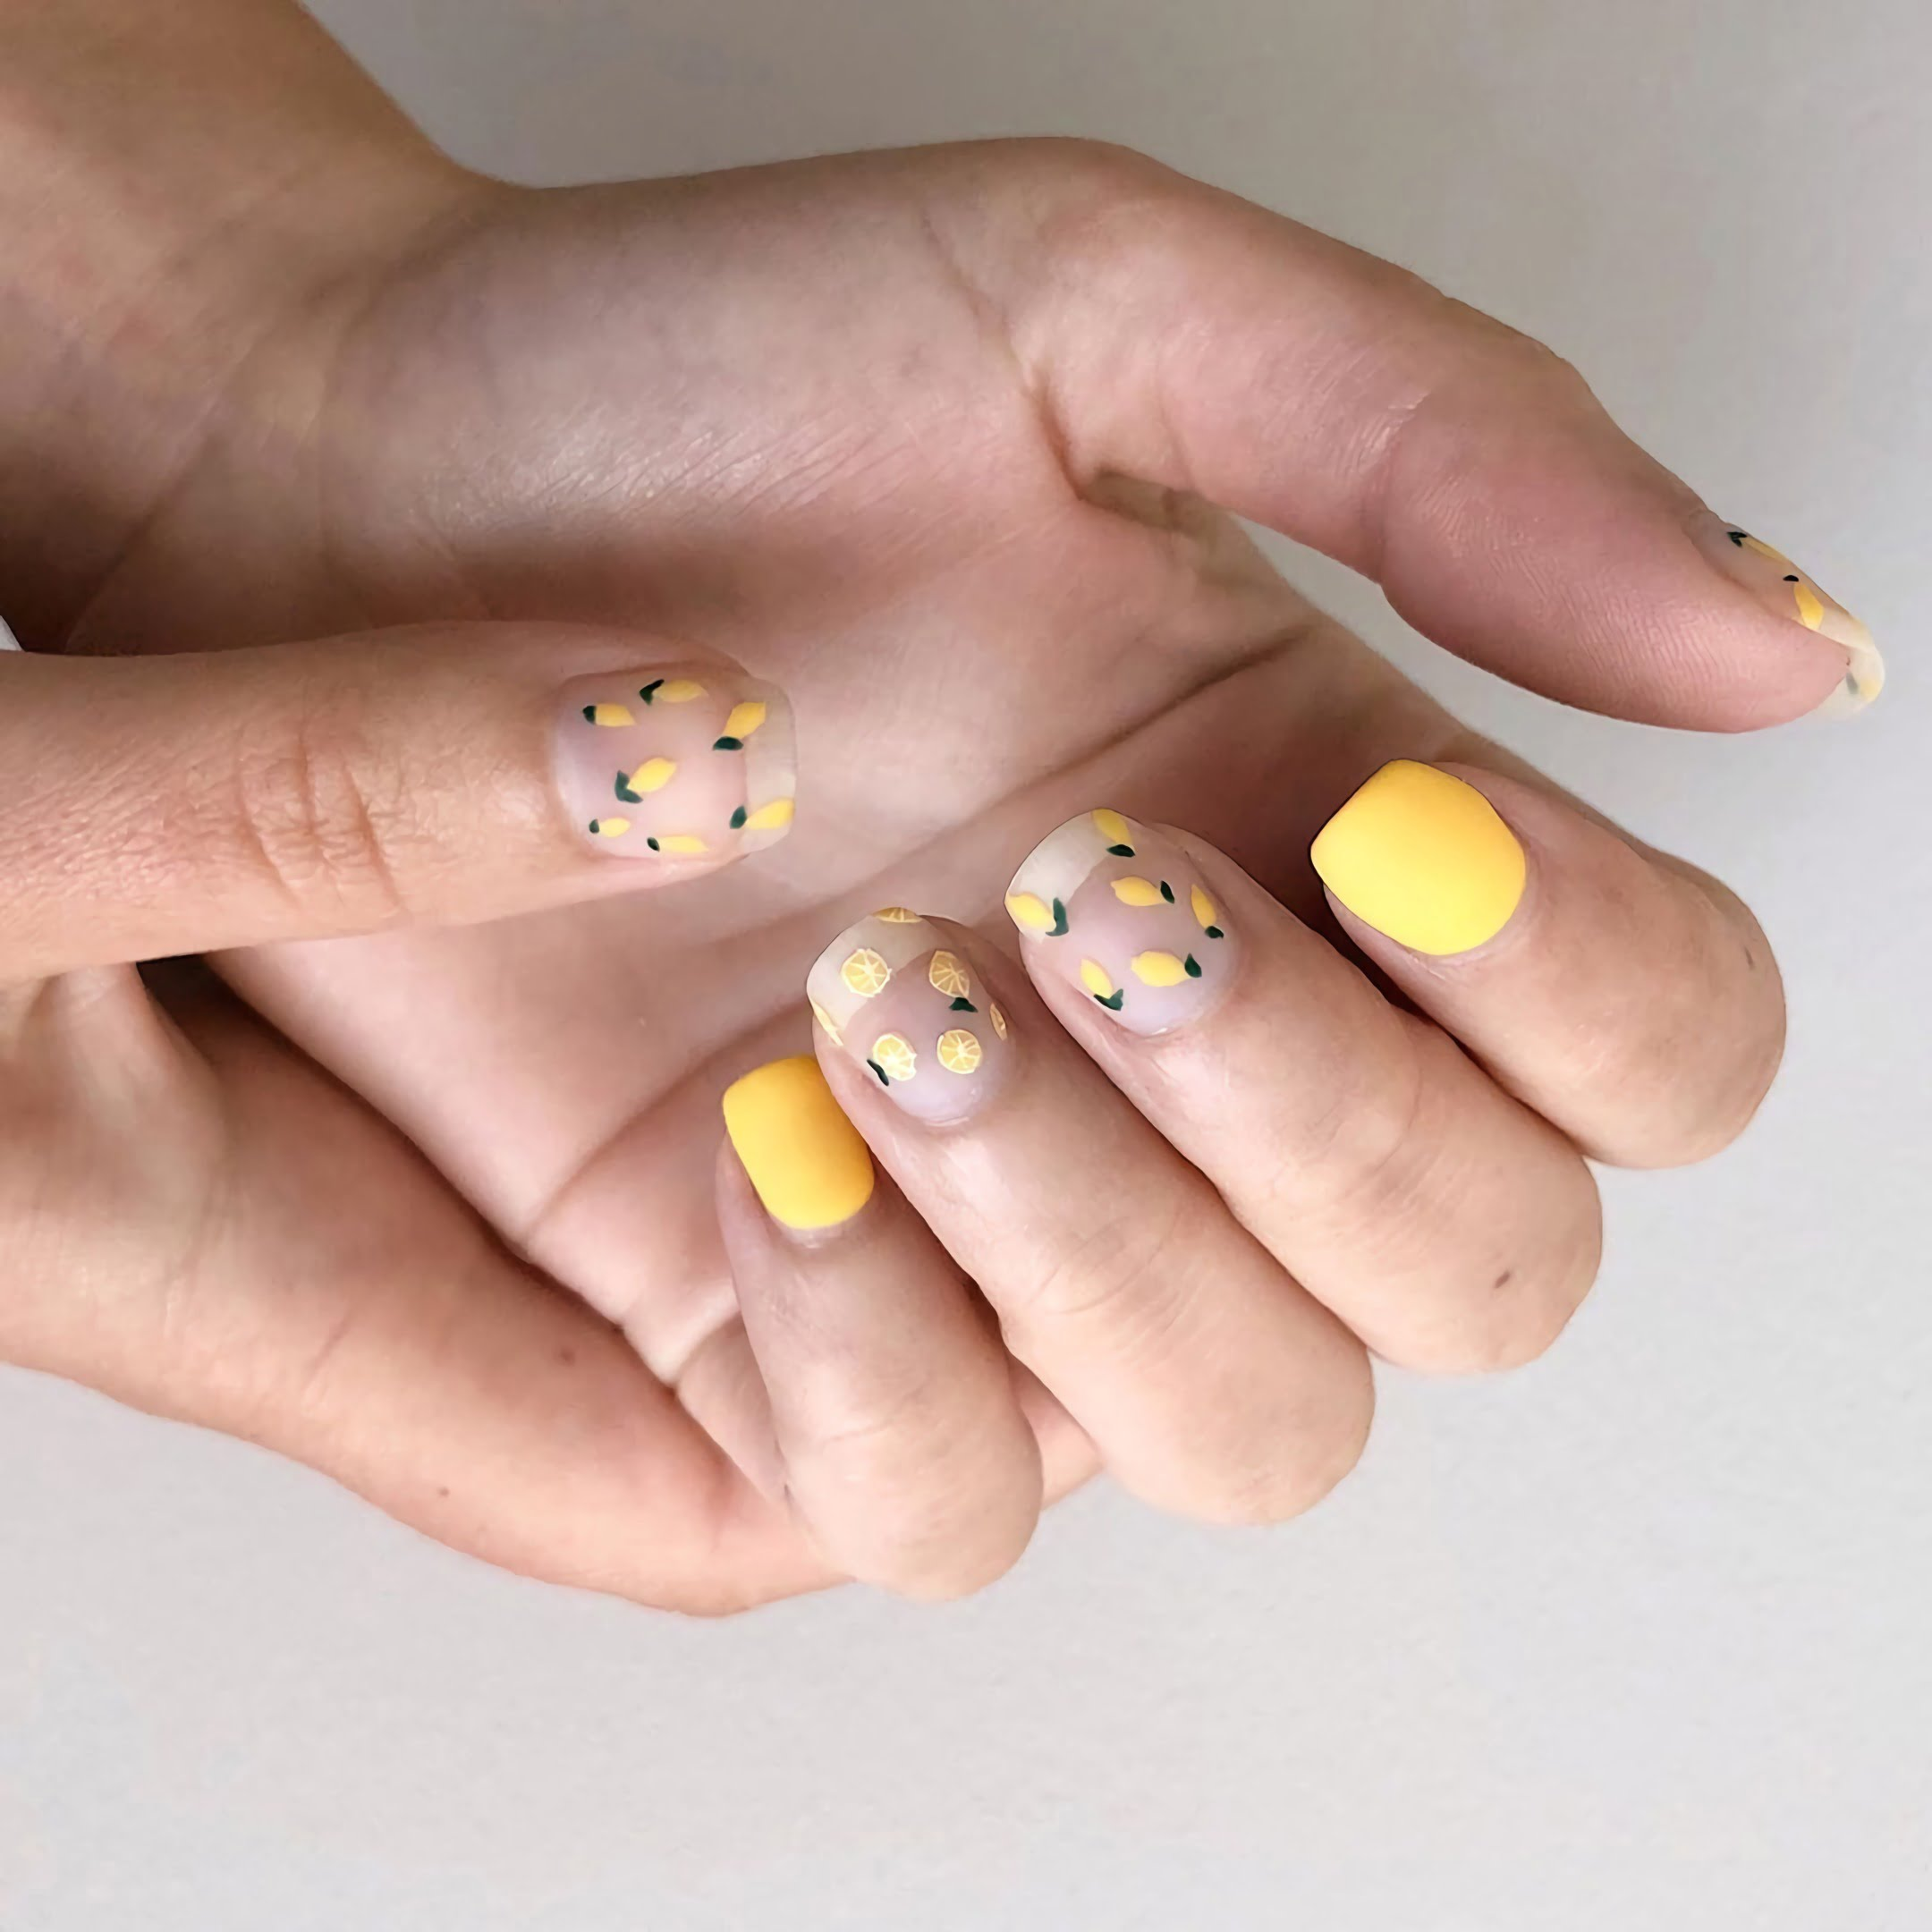 матовые желтые ногти с рисунком апельсинов